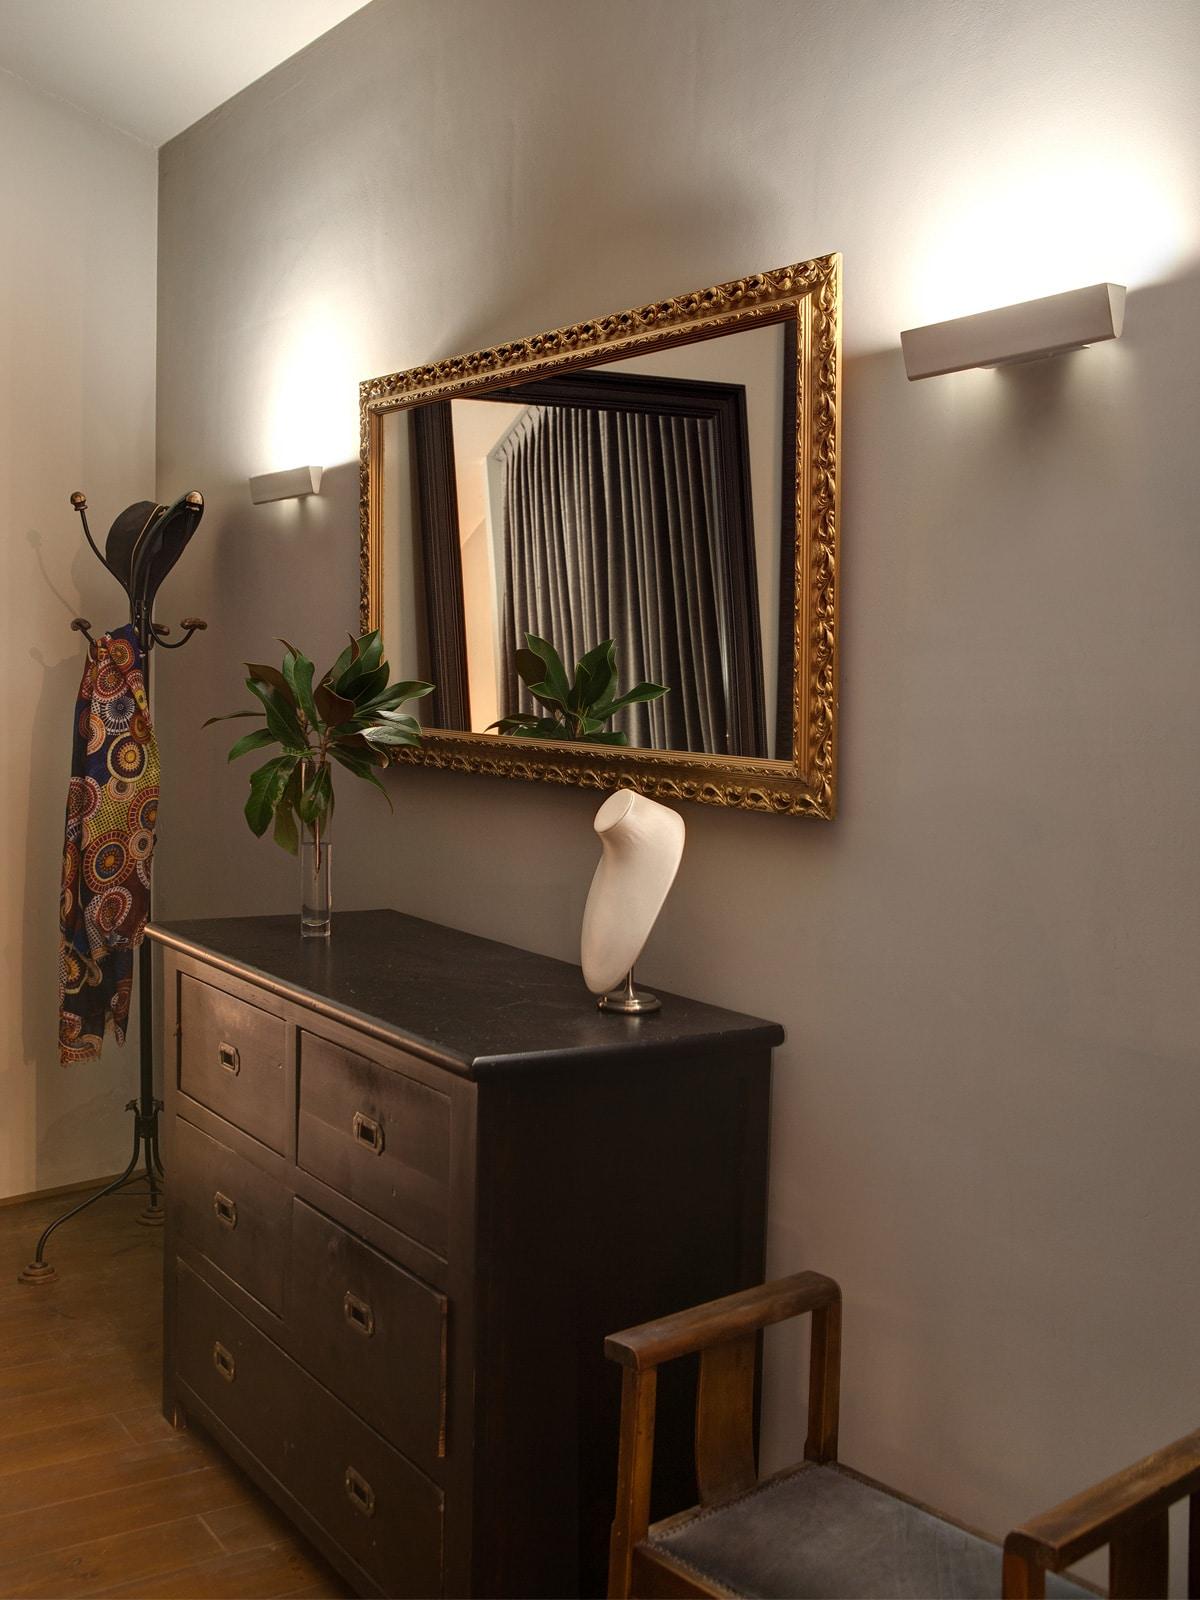 wohnidee klassische und weniger klassische deckenfluter. Black Bedroom Furniture Sets. Home Design Ideas